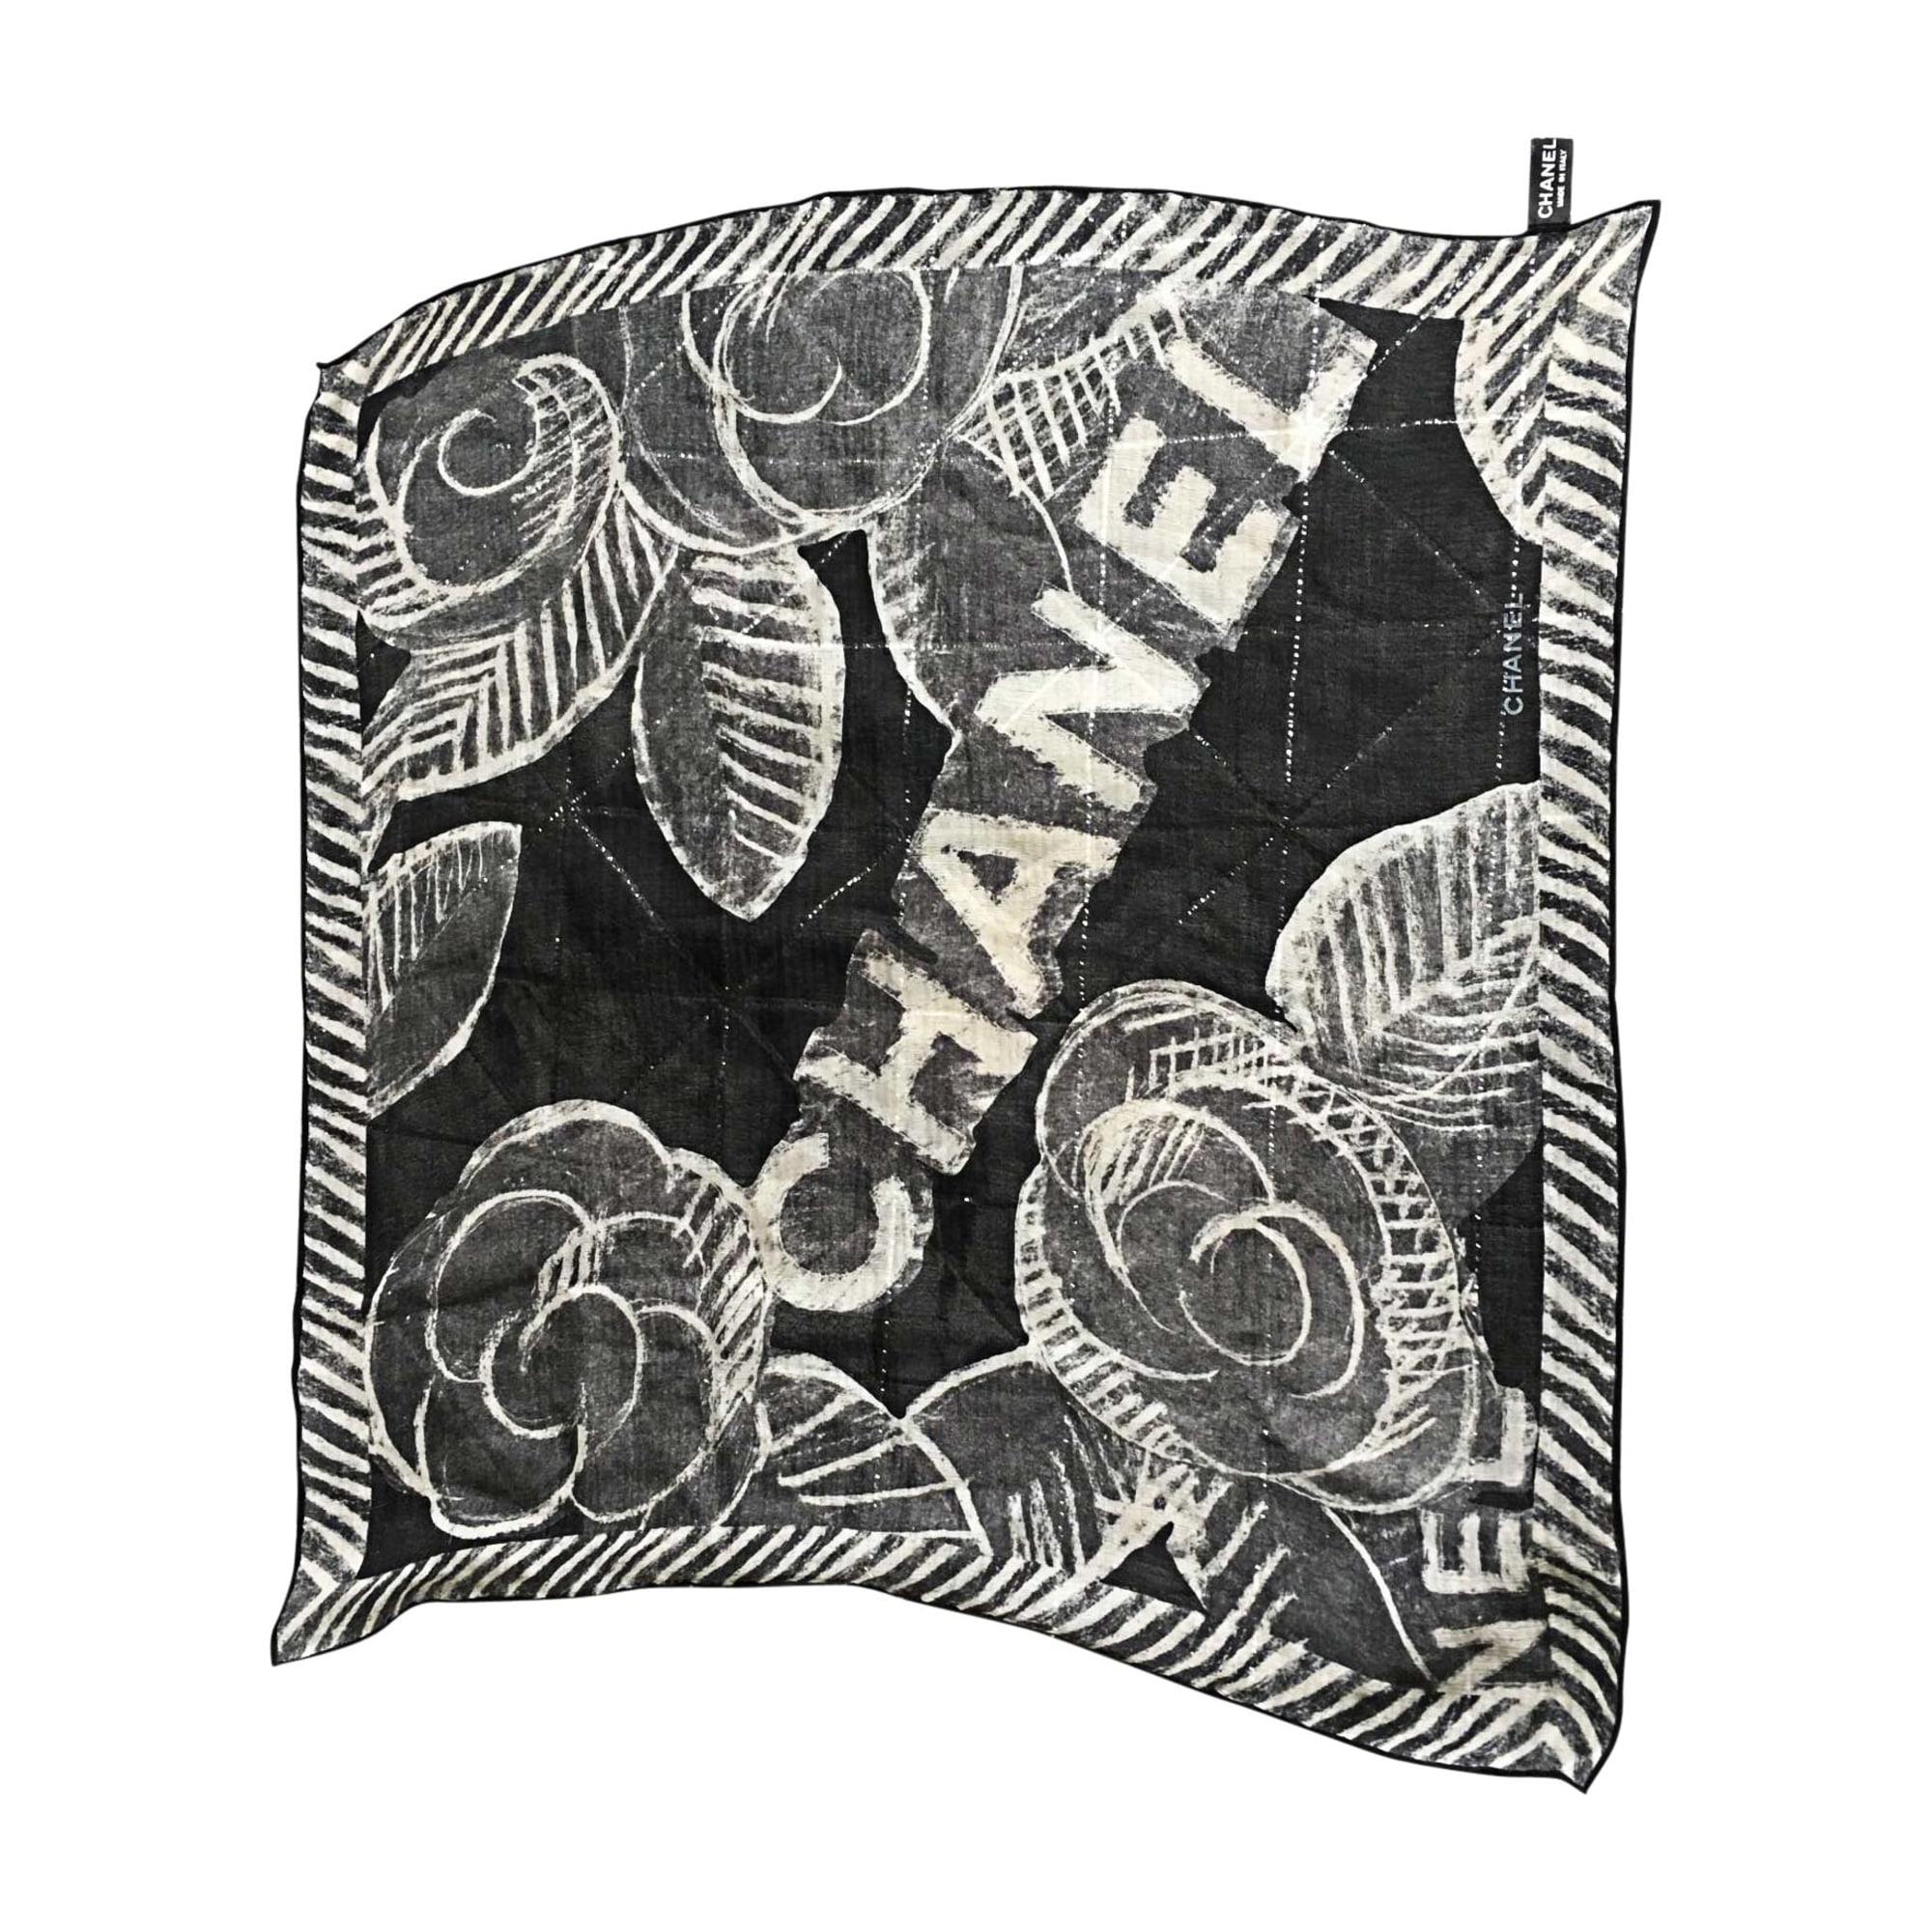 Foulard CHANEL noir vendu par Virginie 5272 - 6874375 d02fc926d59